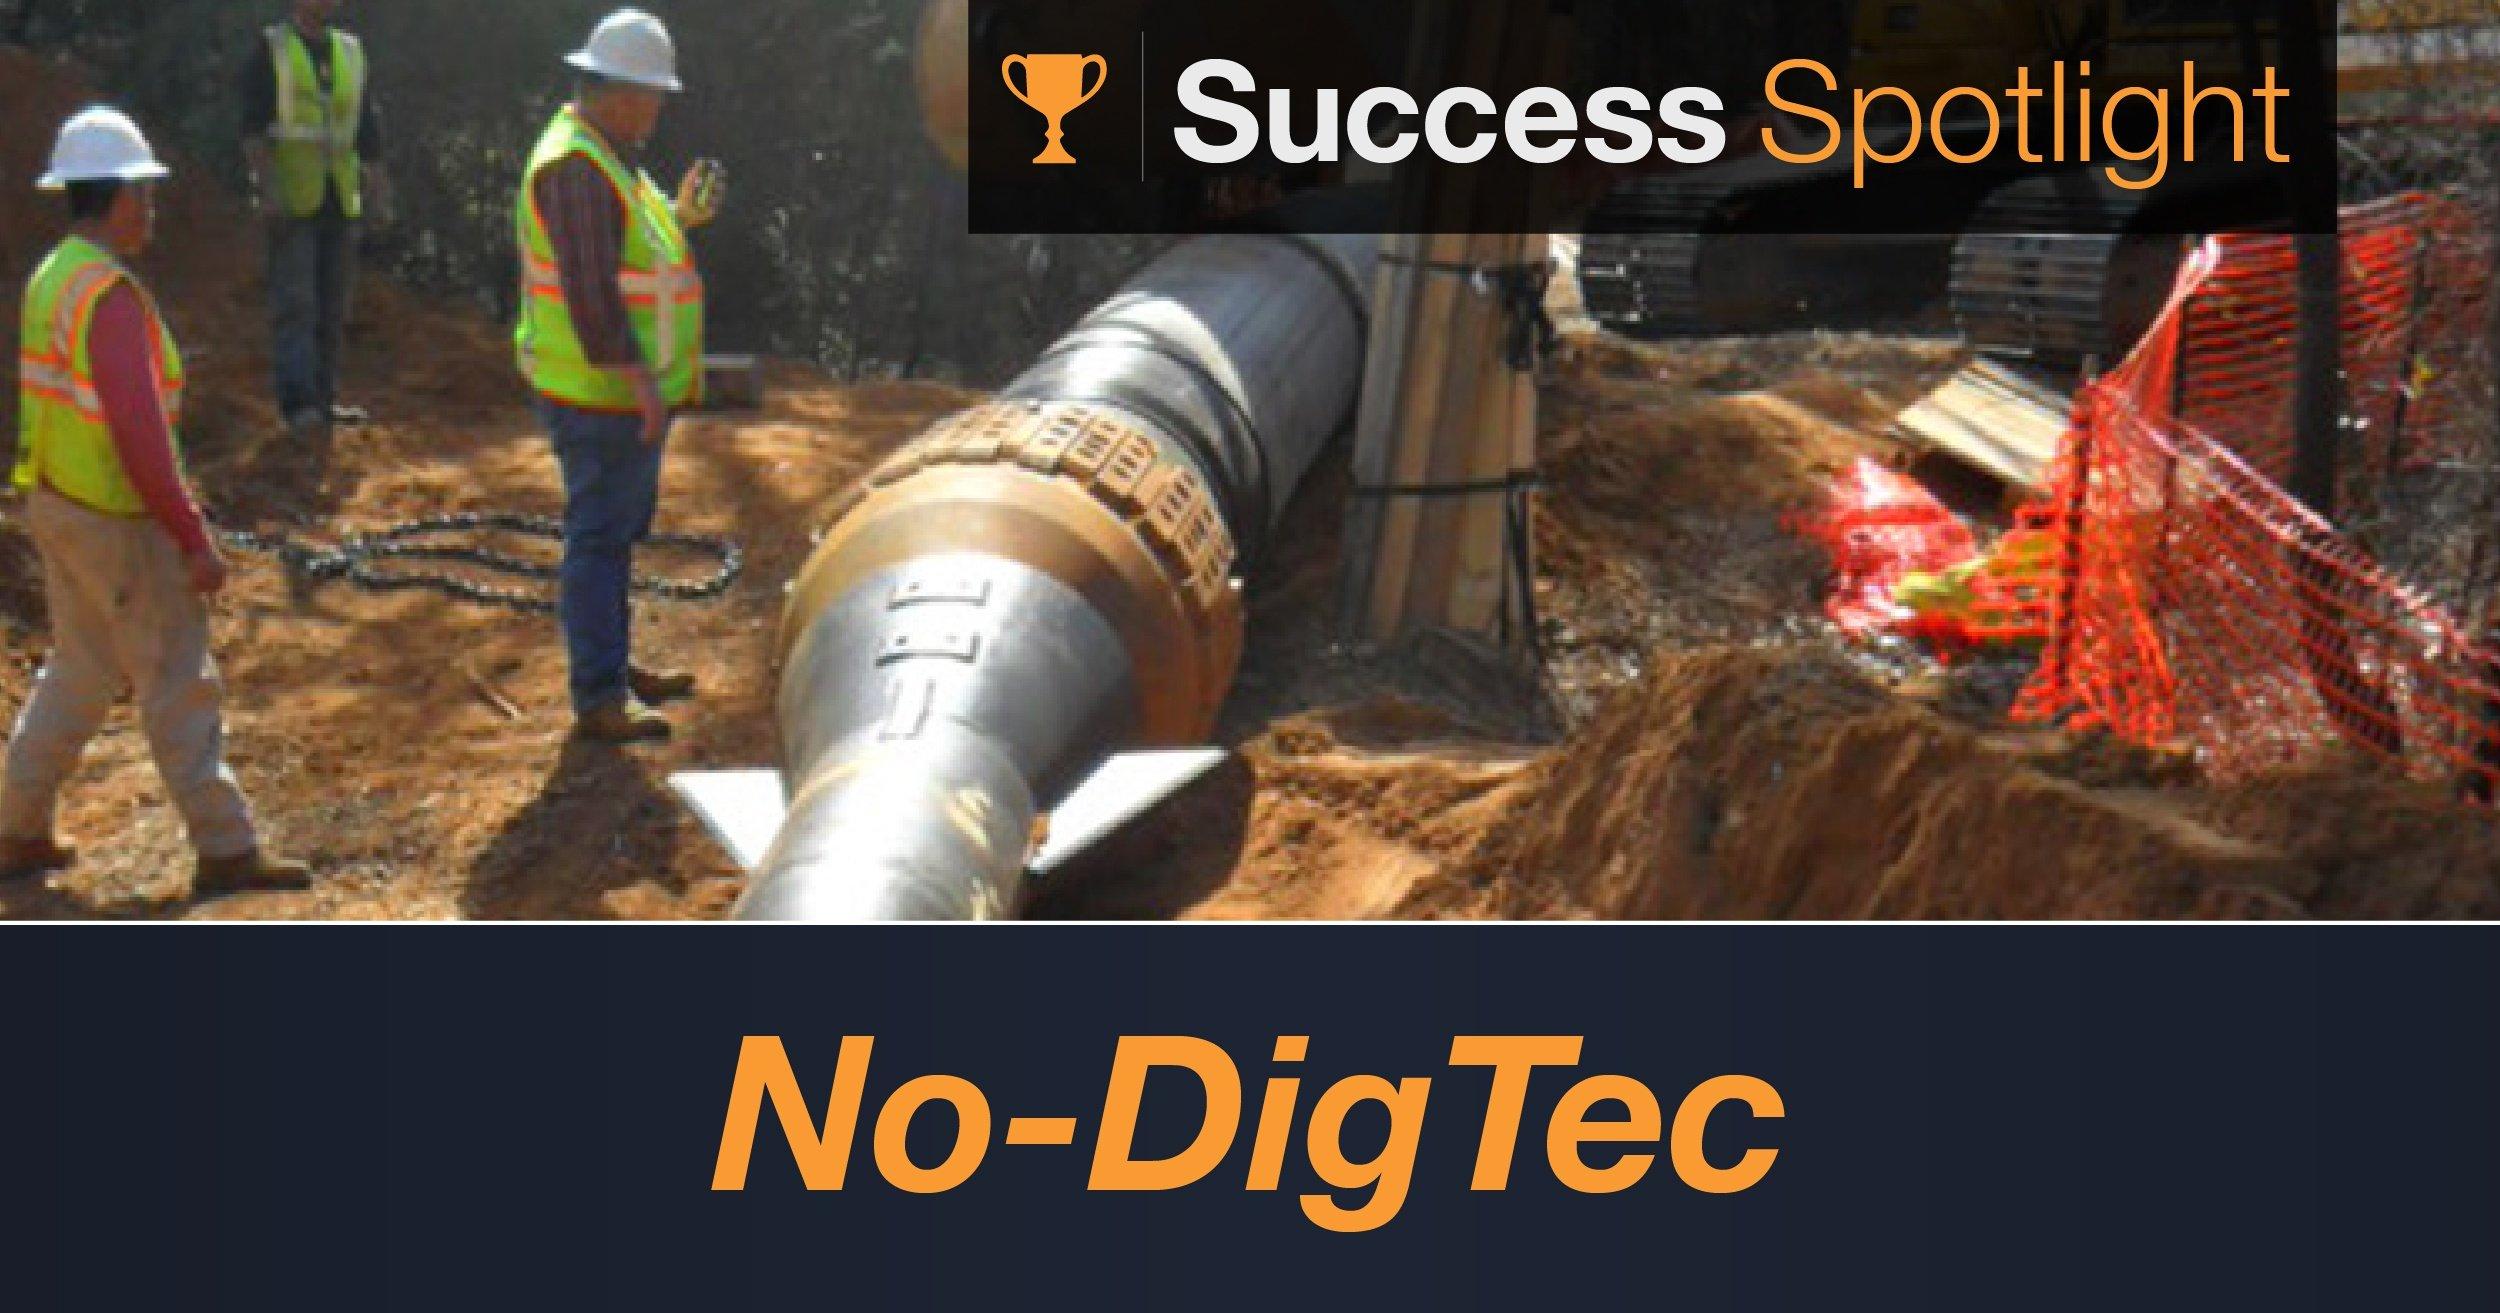 Success Spotlight: No-Dig Tec